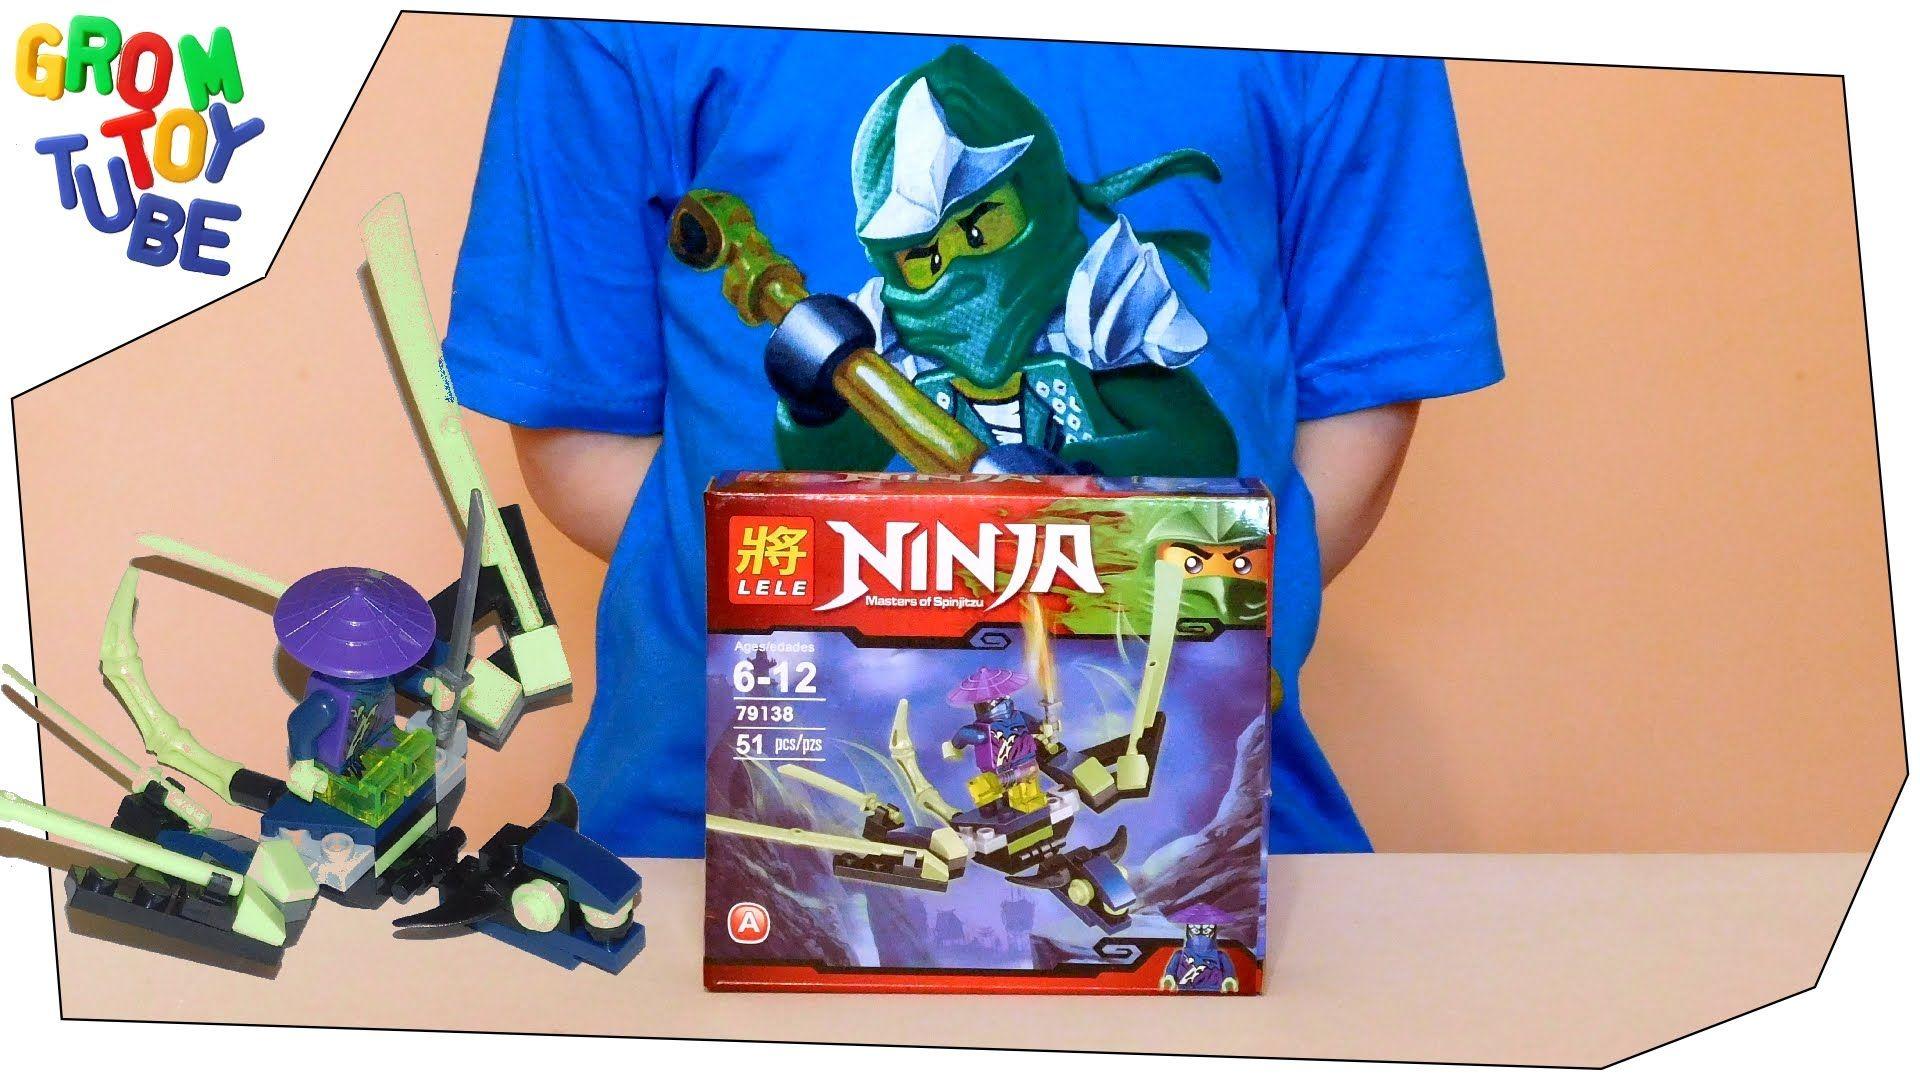 Unboxing New Lego Lele Ninjago 79138 With Images